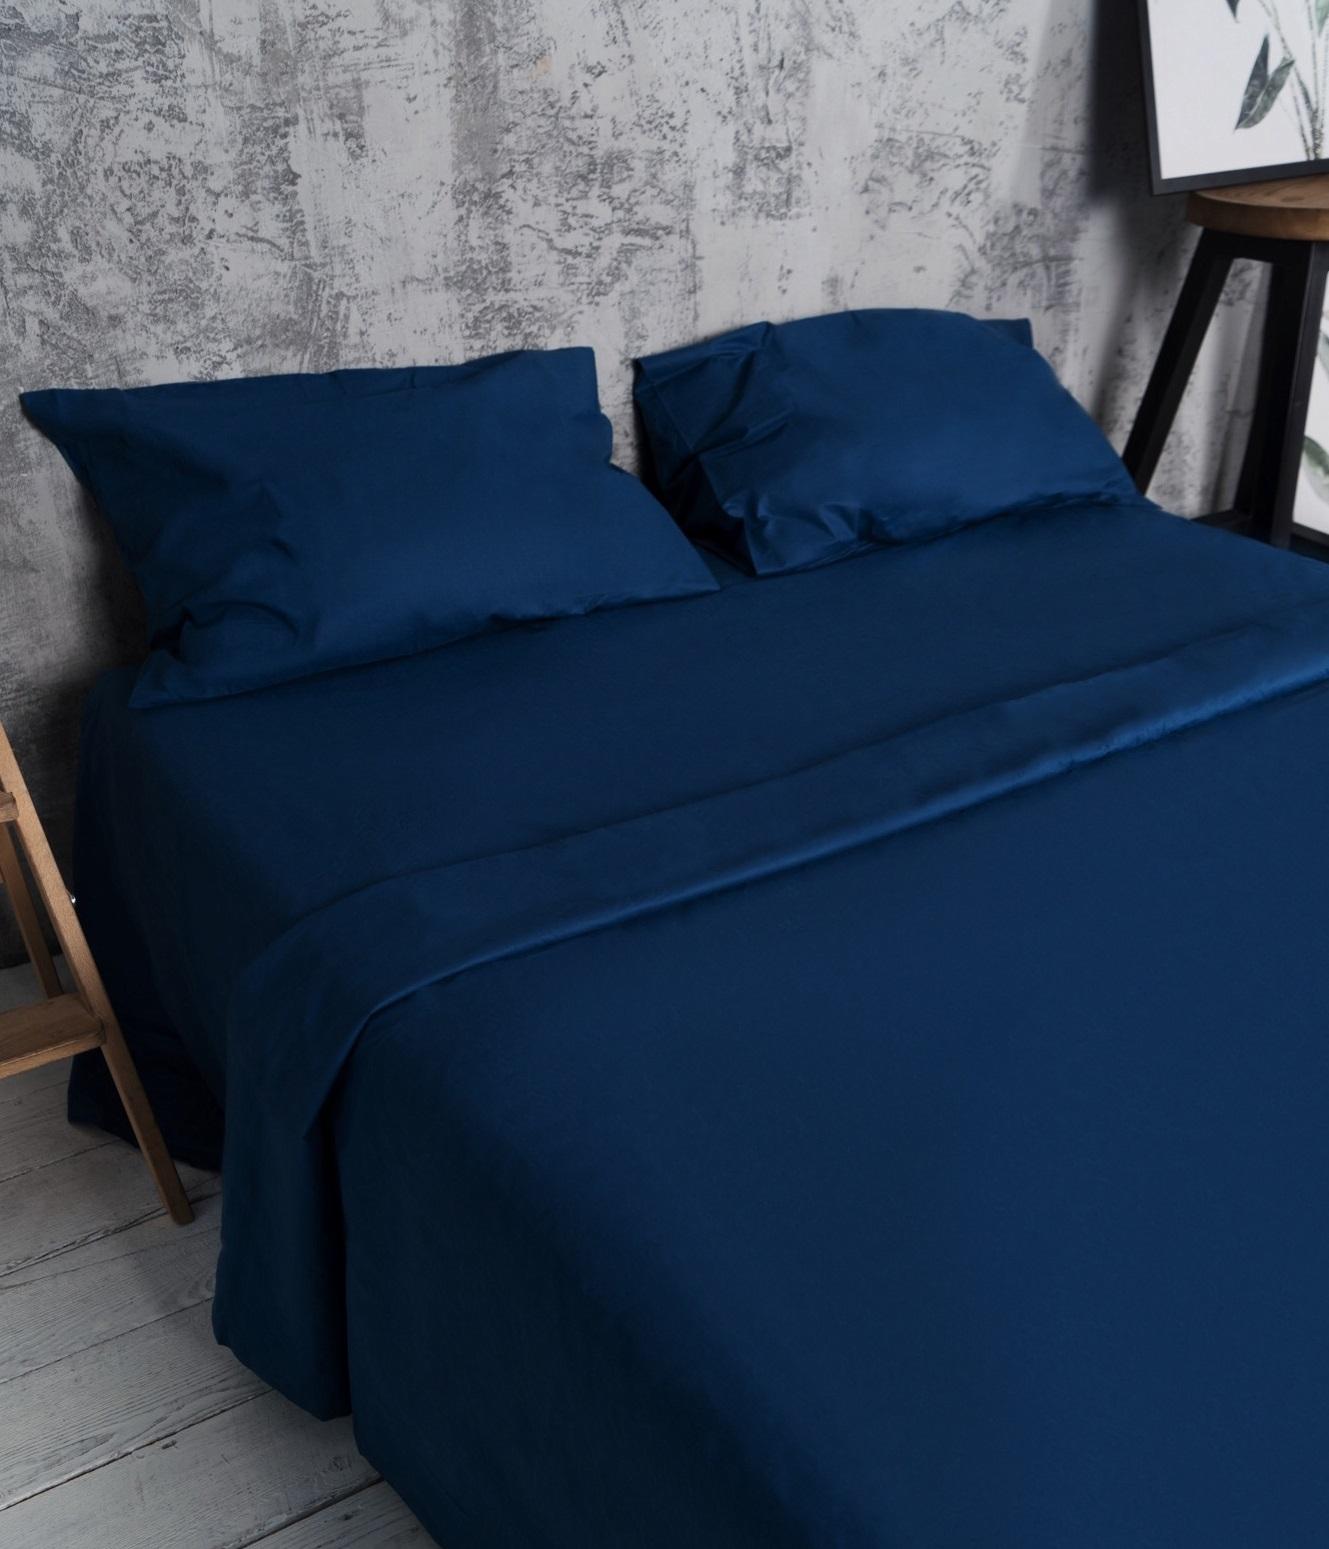 Купить Комплекты постельного белья T. O. T. I. Inc. Co., Постельное белье Sailor Blue (1, 5 спал.), Россия, Хлопковый сатин